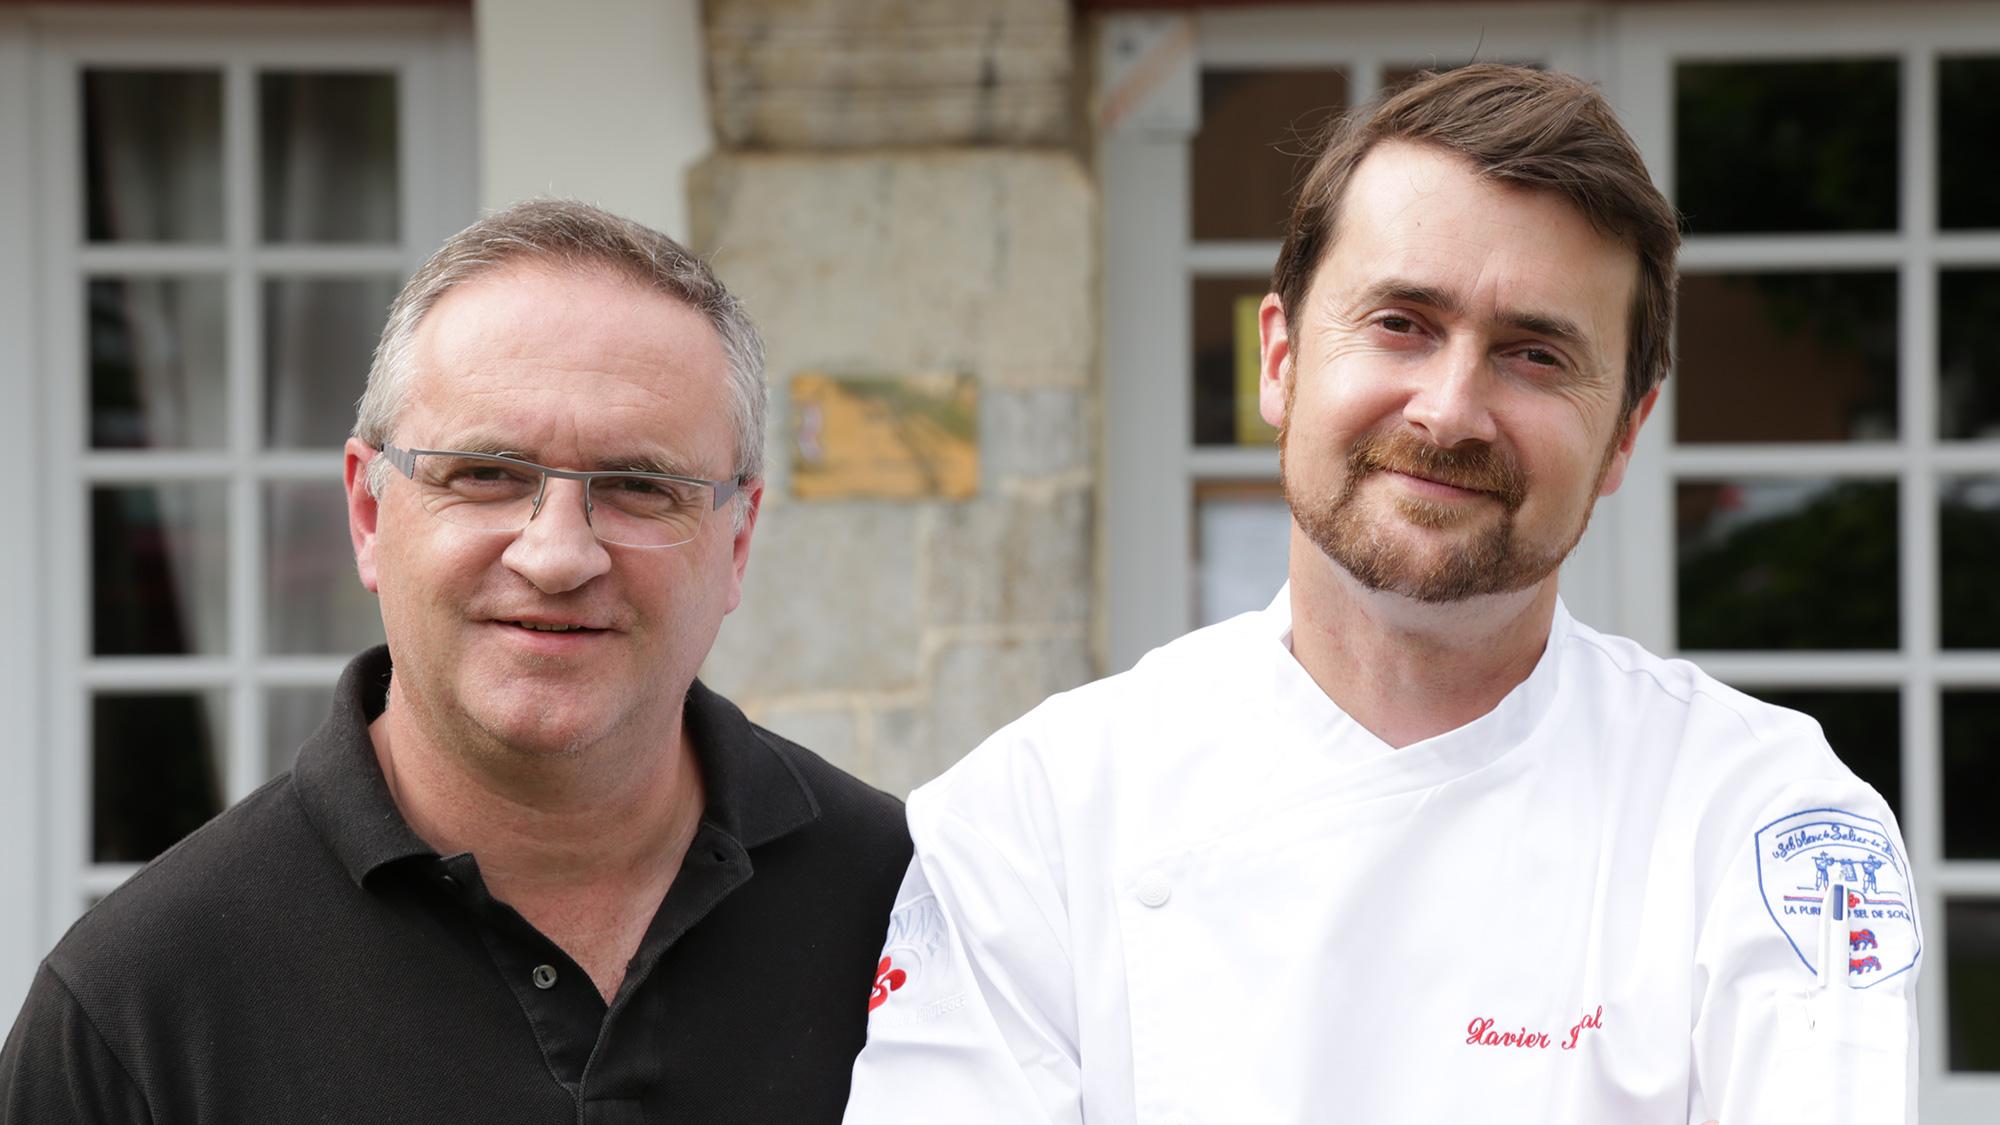 Deux hommes l'un à côté de l'autre, le premier en polo noir, le second en veste de cuisinier